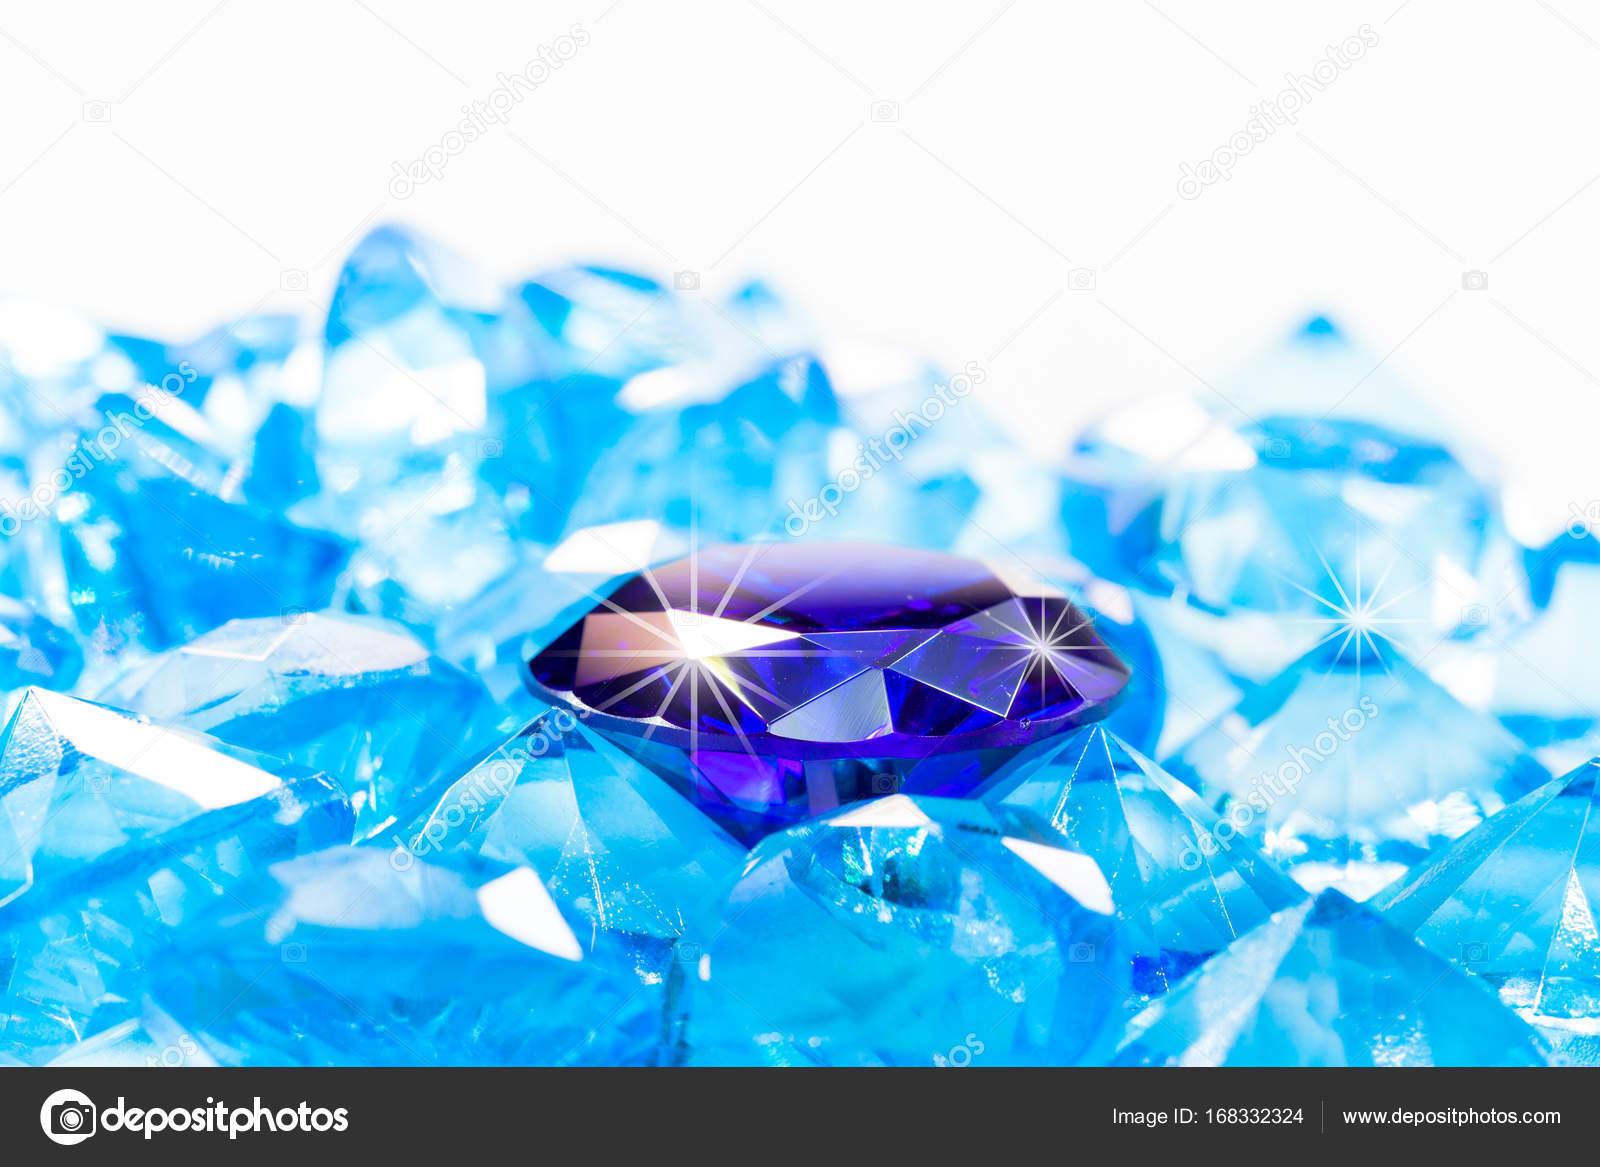 Blue Diamond On White Background Stock Photo C Thaisign